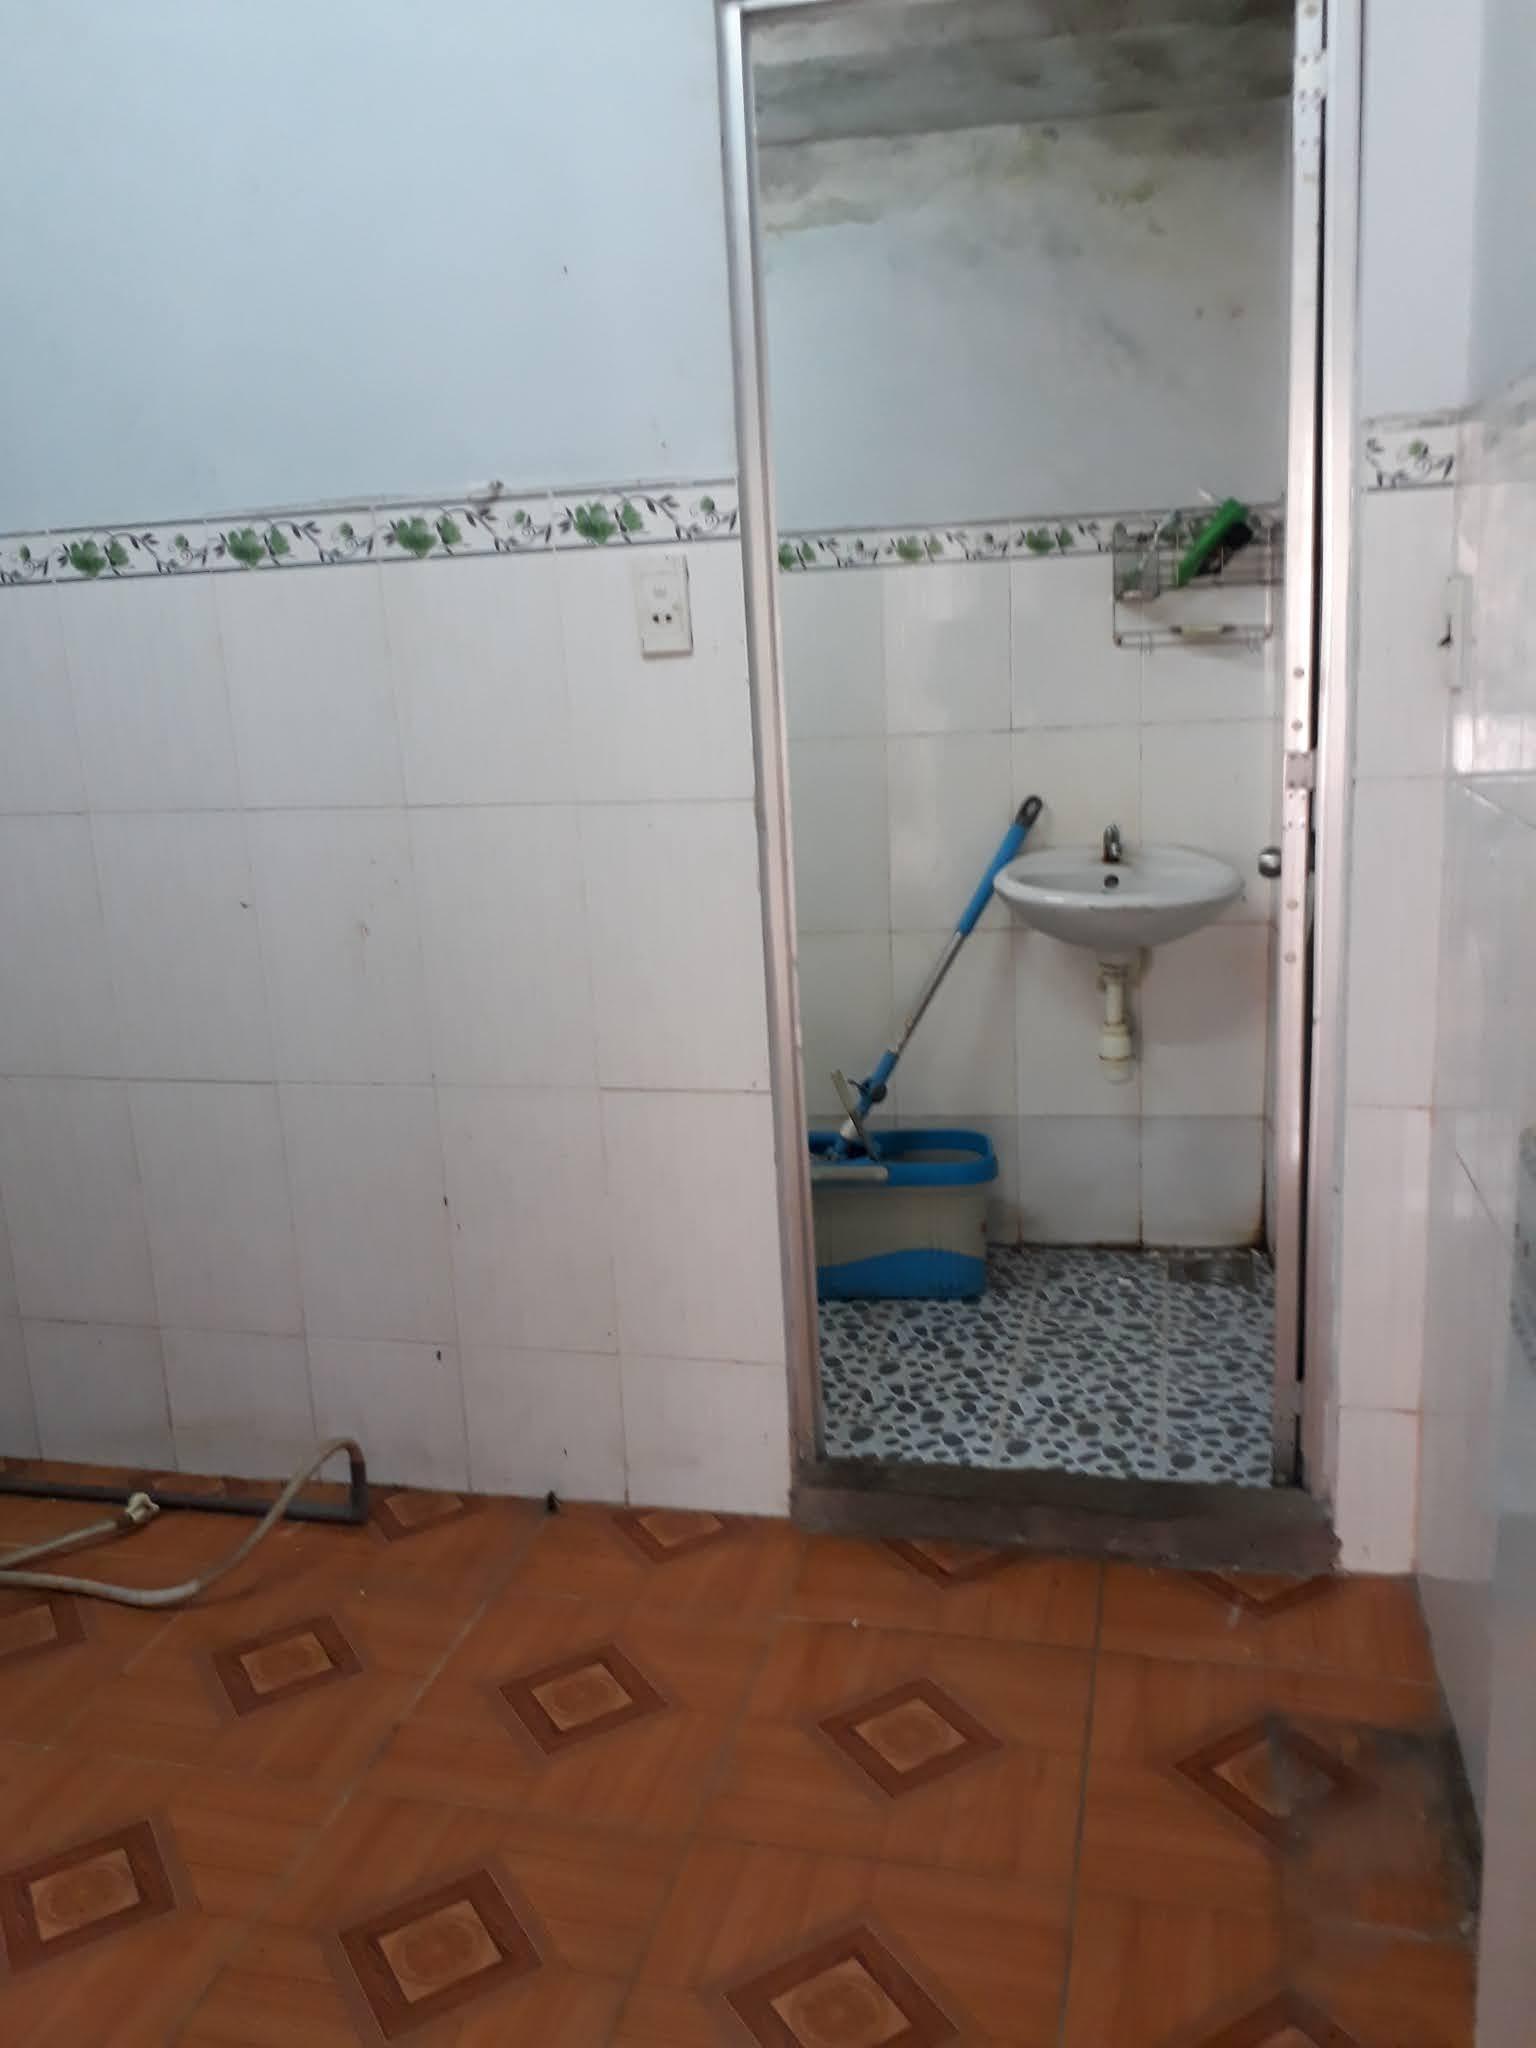 Bán nhà hẻm 6m Hương Lộ 2 phường Bình Trị Đông A quận Bình Tân